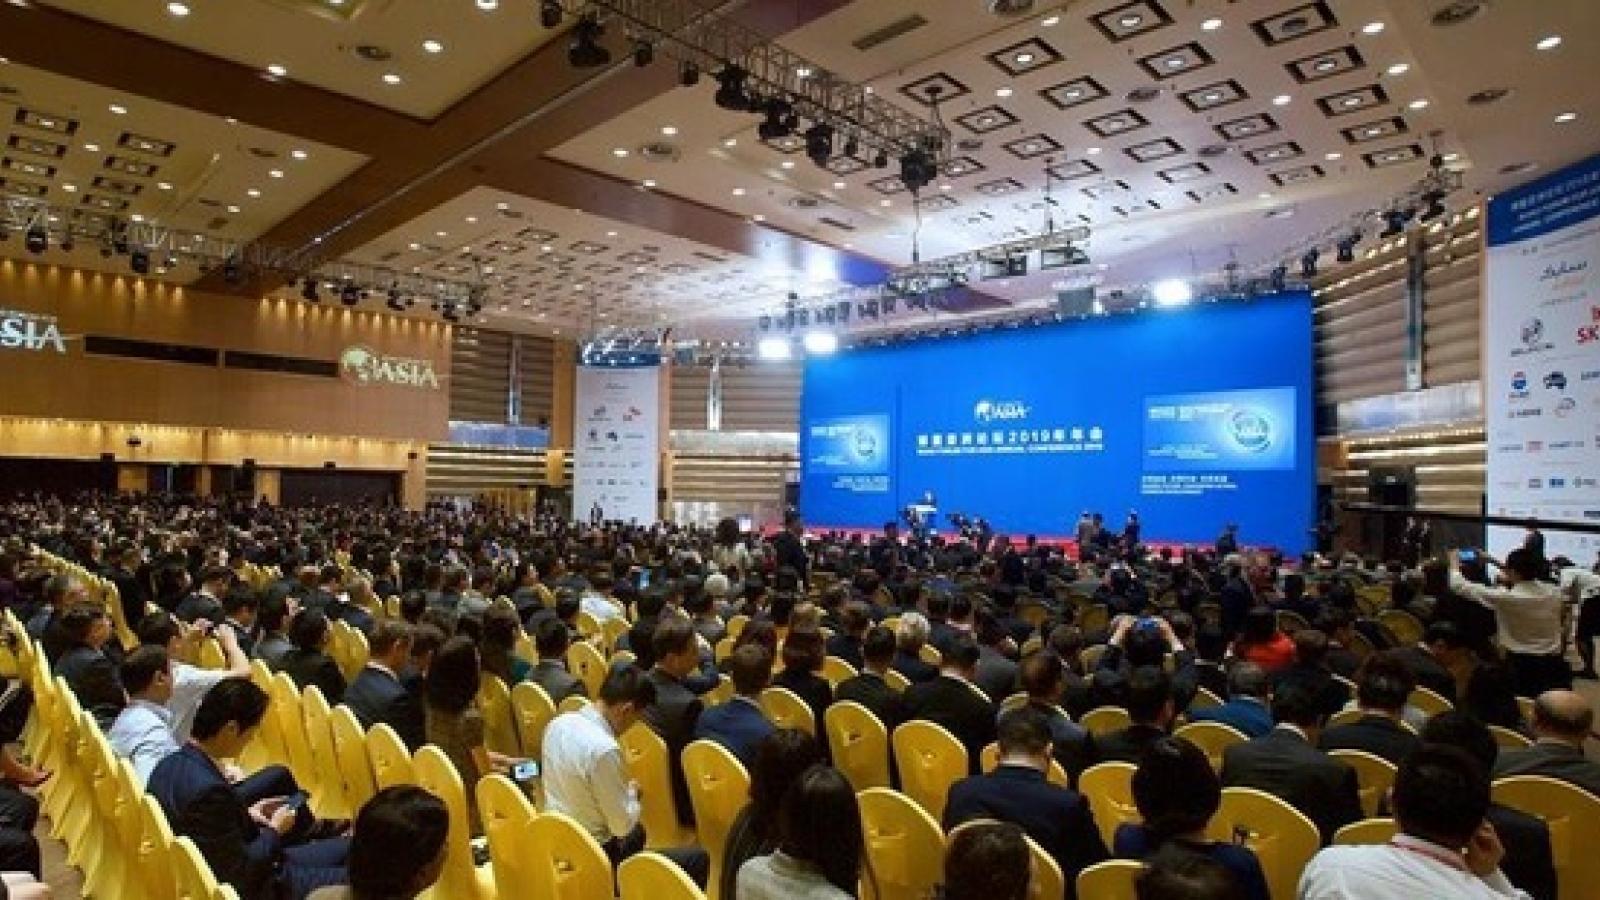 Trung Quốc nốilại việc tổ chứcDiễn đàn châu Á Bác Ngao